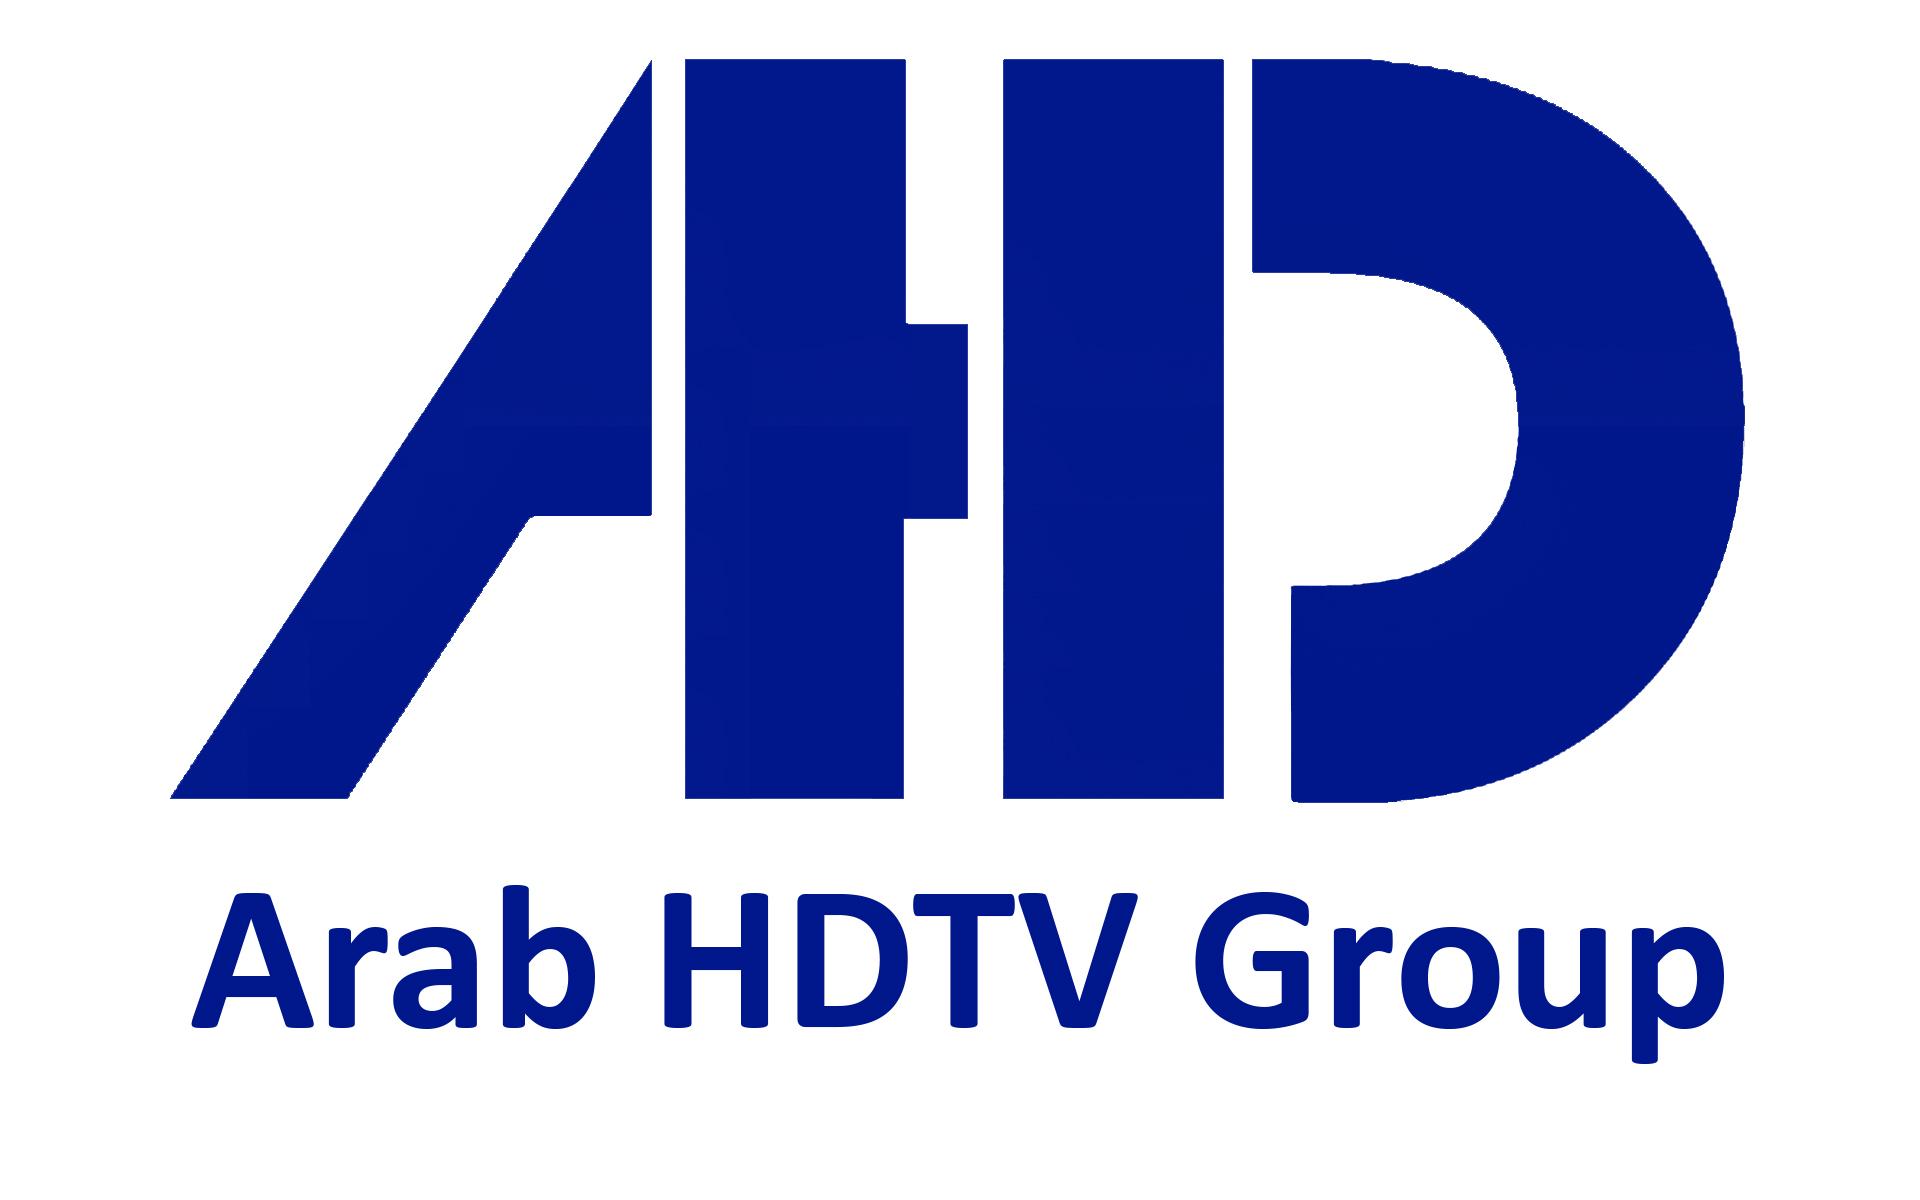 Arab HDTV & Beyond Group